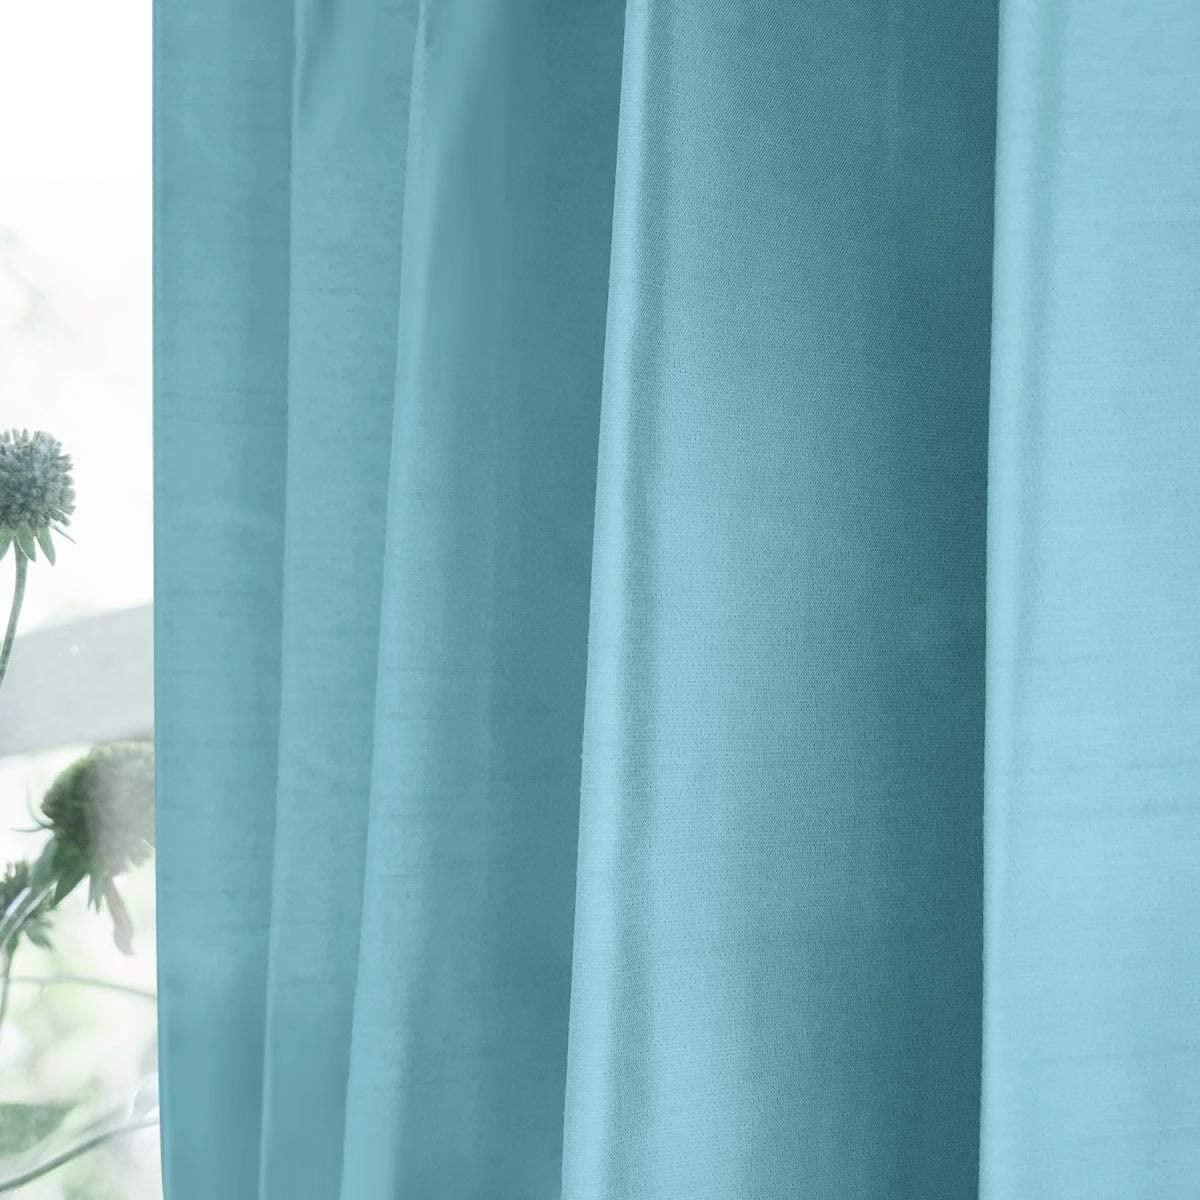 シャイニー/ブルー 完全遮光 1級遮光 遮熱・断熱 防音 形状記憶加工 ウォッシャブル カーテン 2枚入 / Aフック サイズ(幅×丈):100×200cm kso-026-100-200